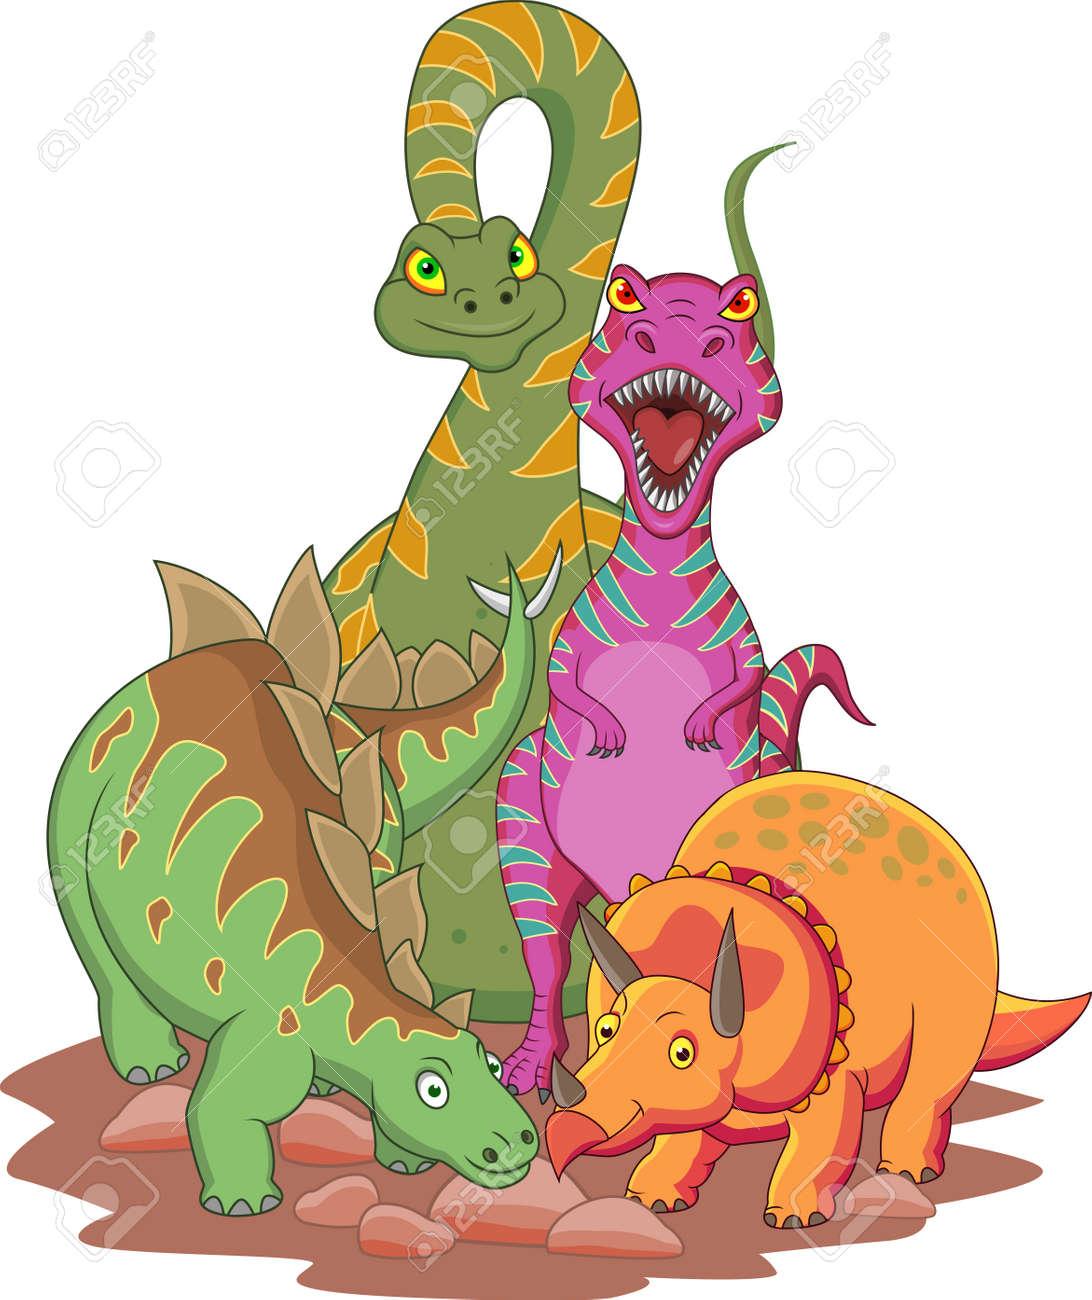 Dinosaur cartoon Stock Vector - 13496555